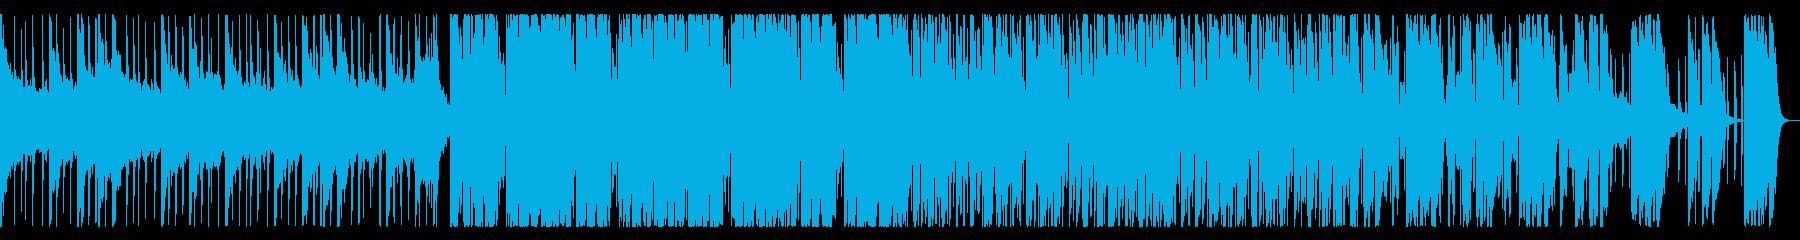 お洒落なトロピカルハウスの再生済みの波形